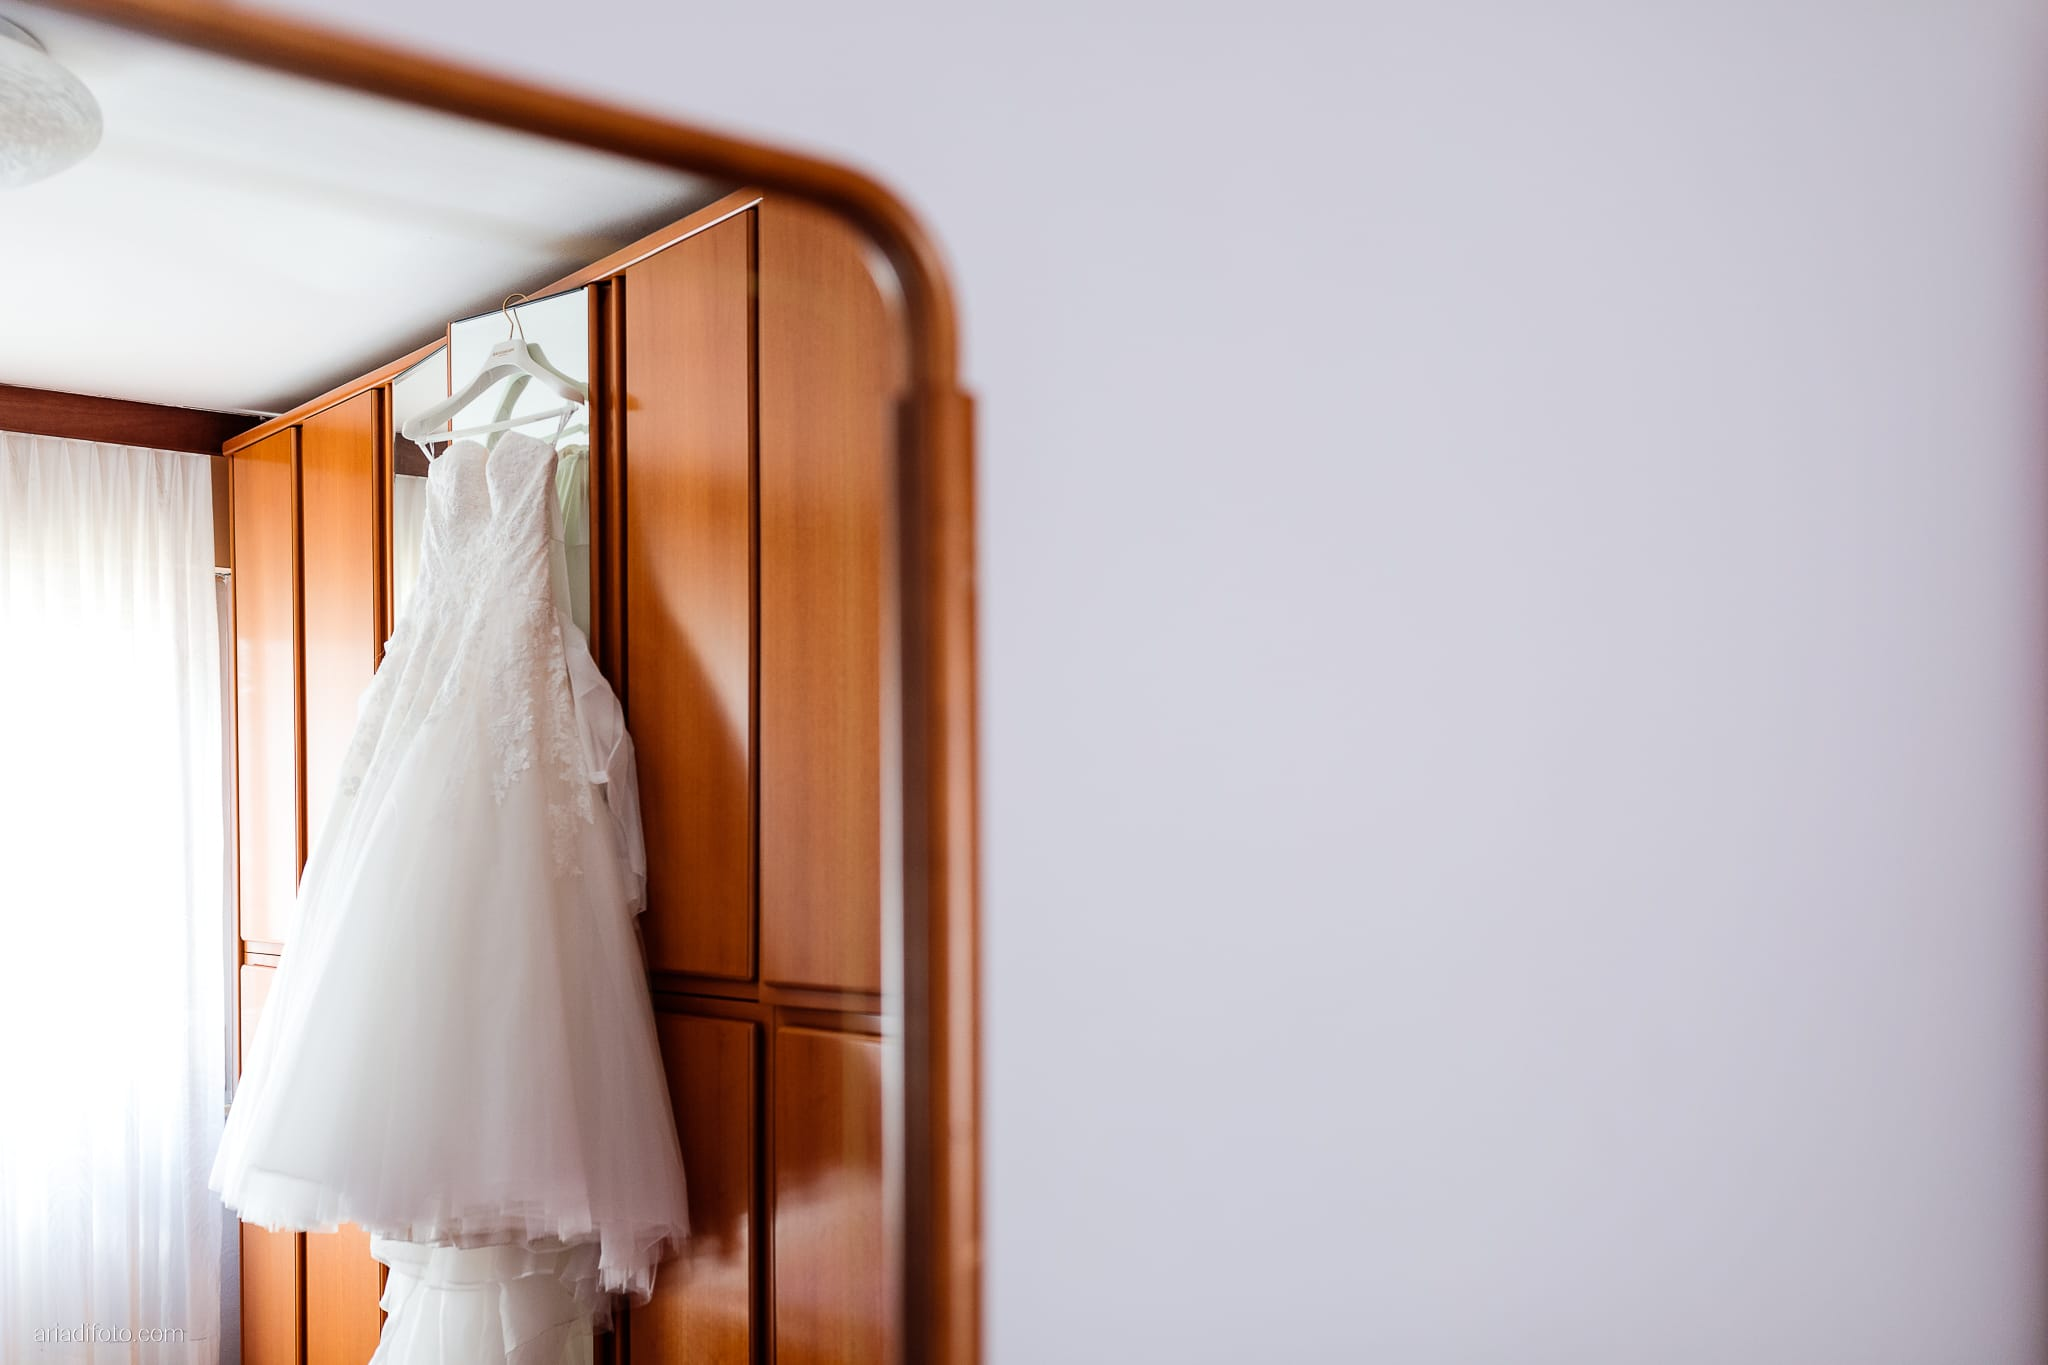 Giulia Alessandro Matrimonio Duino Trieste Baronesse Tacco San Floriano Del Collio Gorizia preparativi sposa dettagli abito